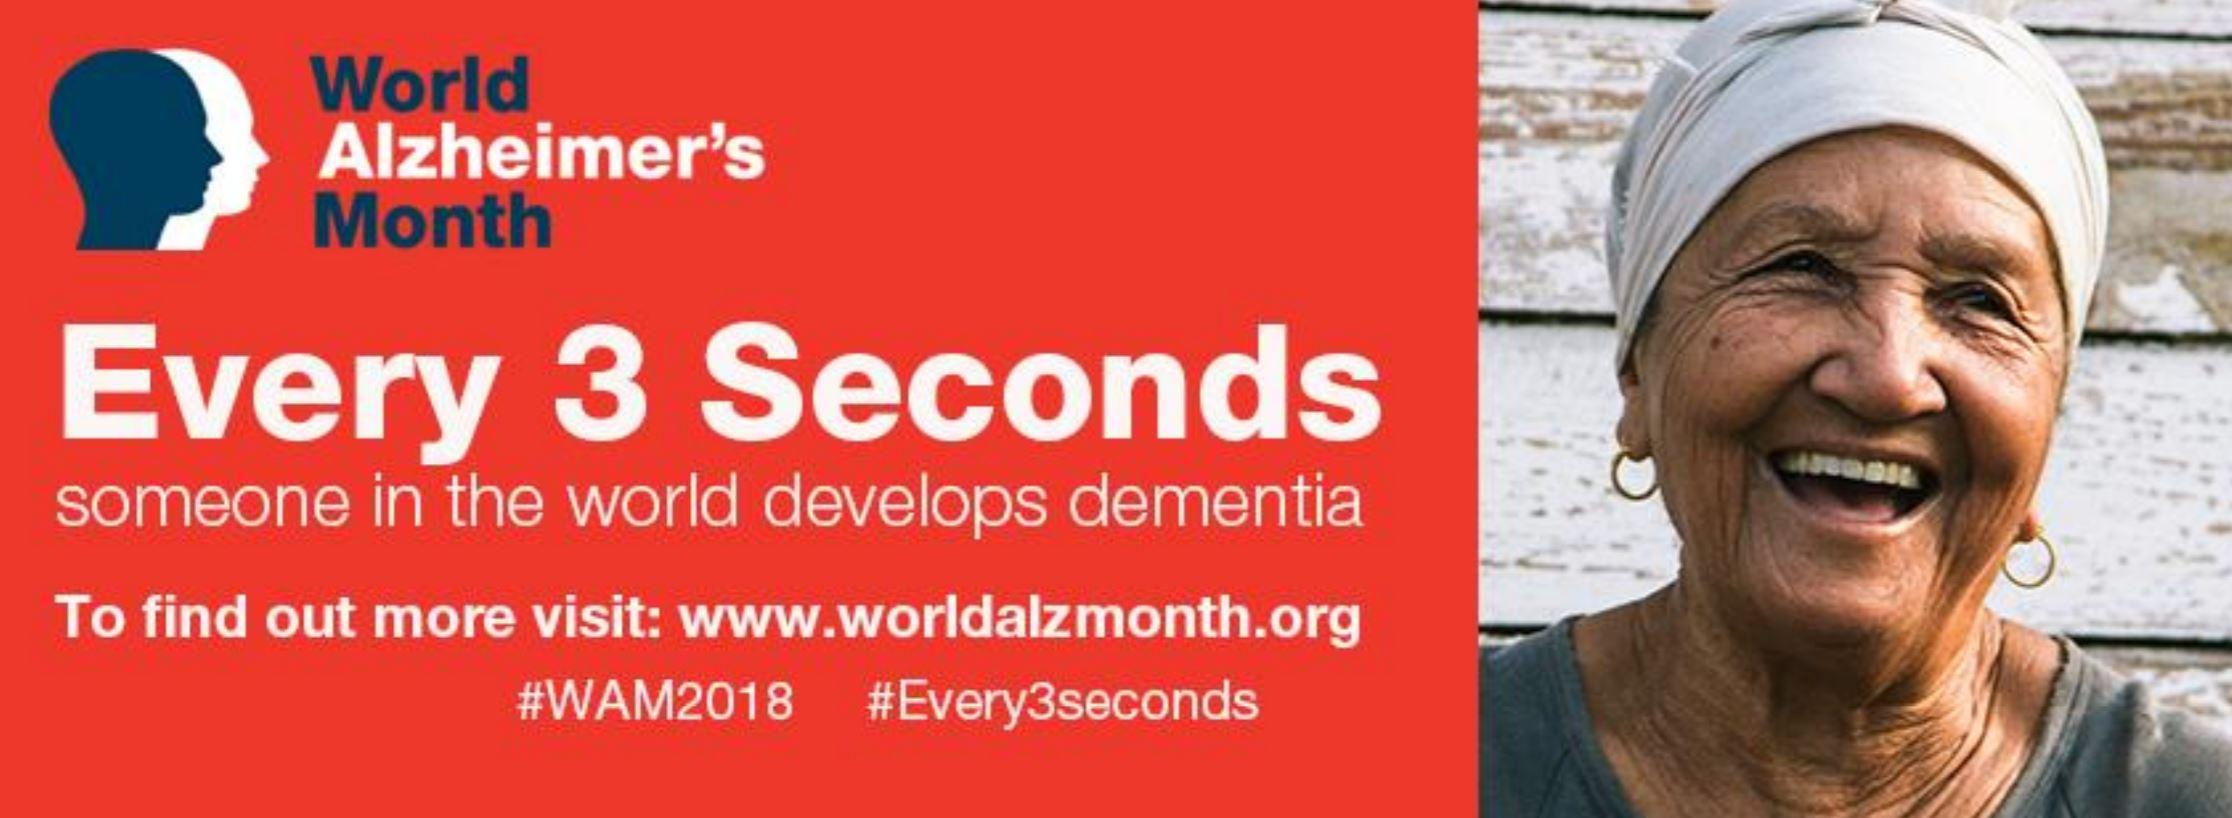 Join us for World Alzheimer's Month September 2018